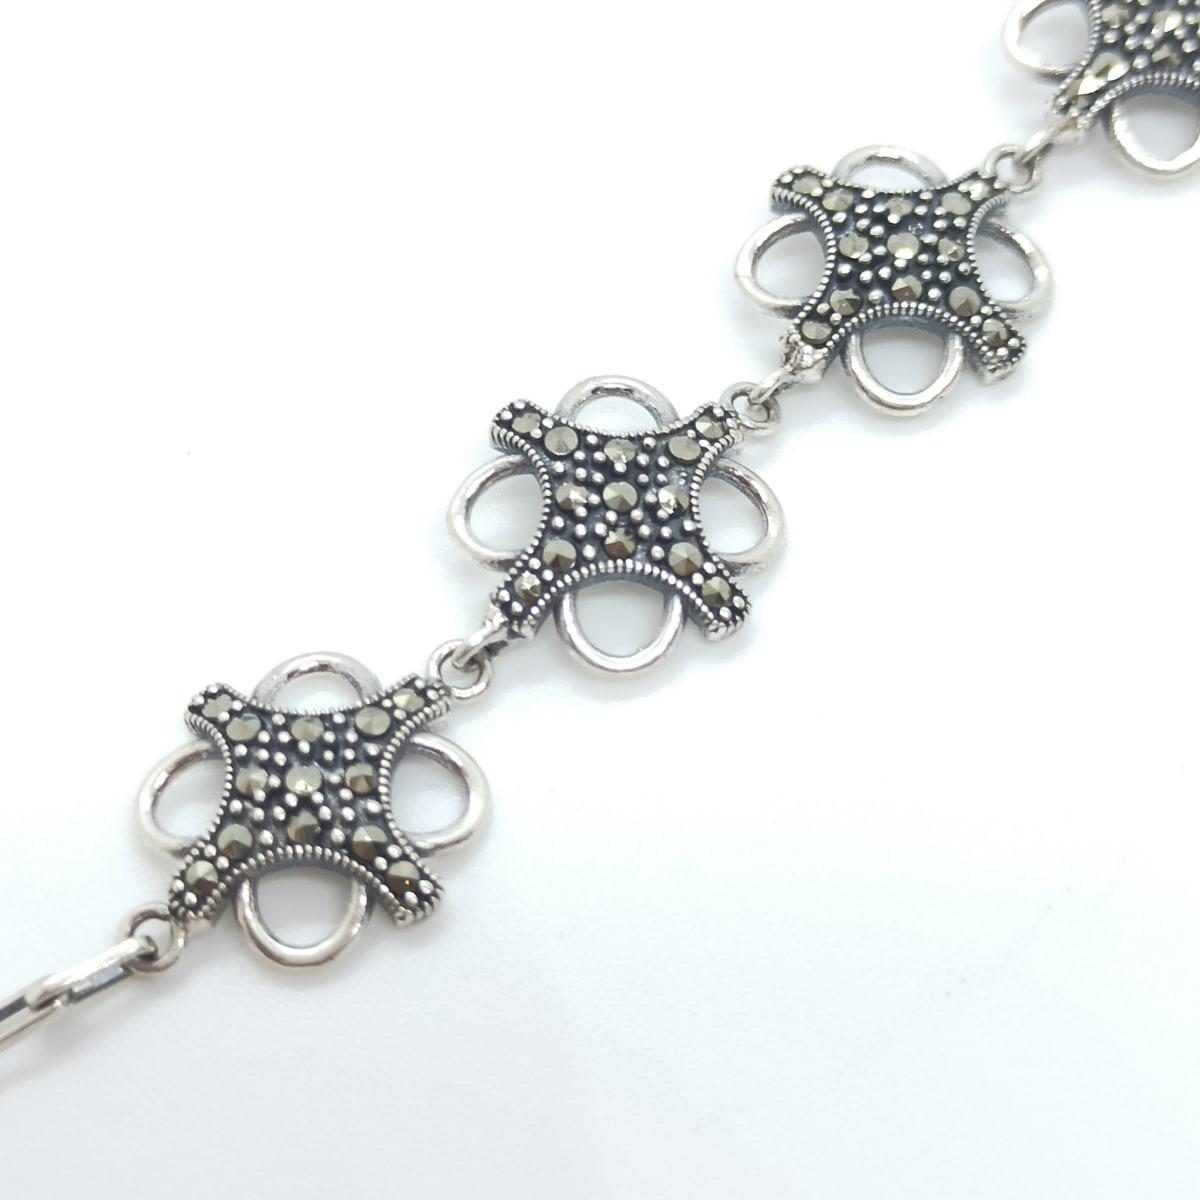 Jeniva Oxidized Bracelet